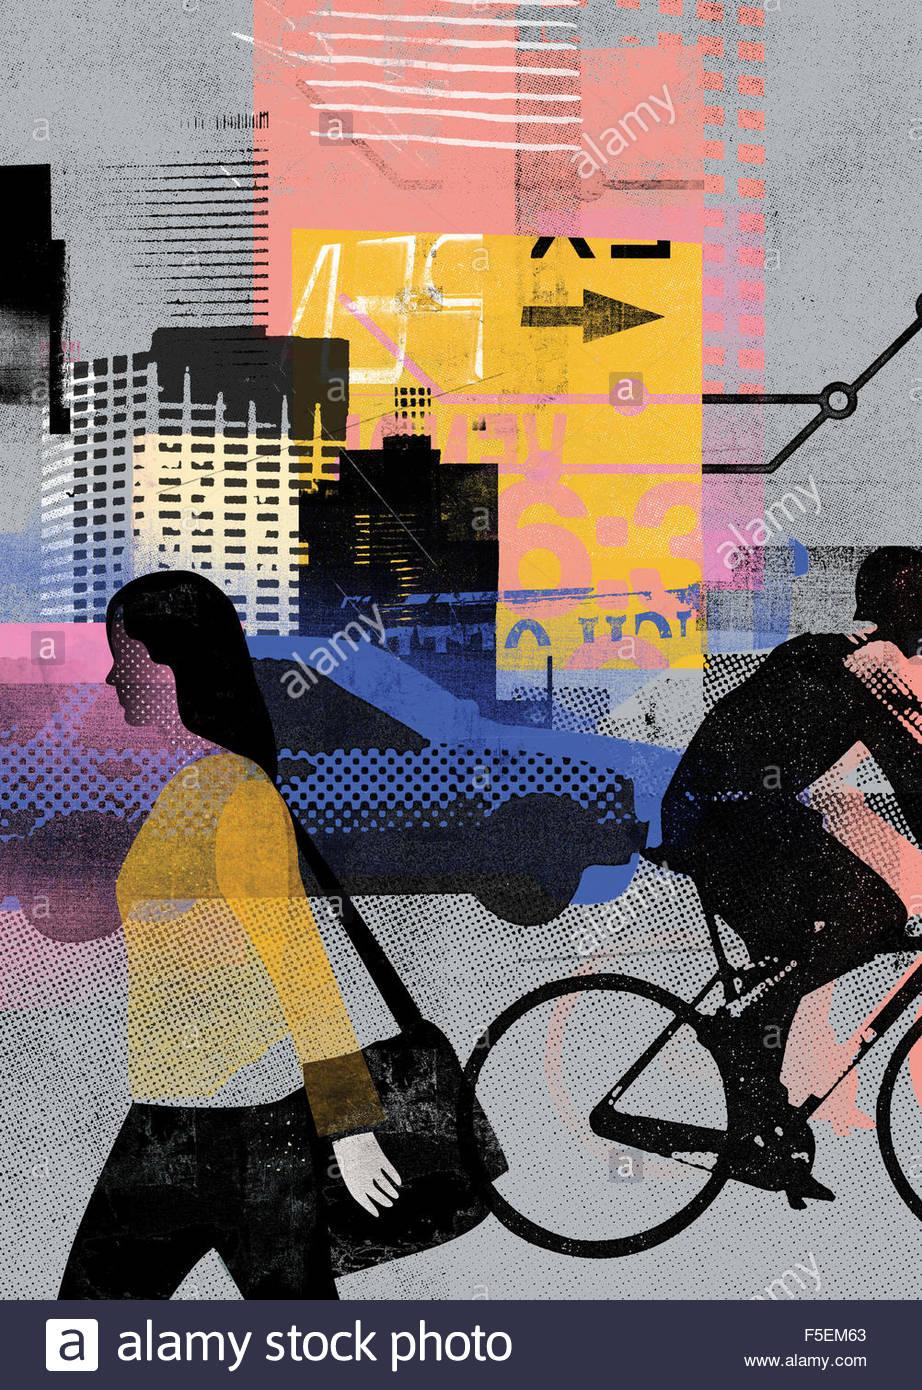 Les transports urbains et les personnes en déplacement Photo Stock